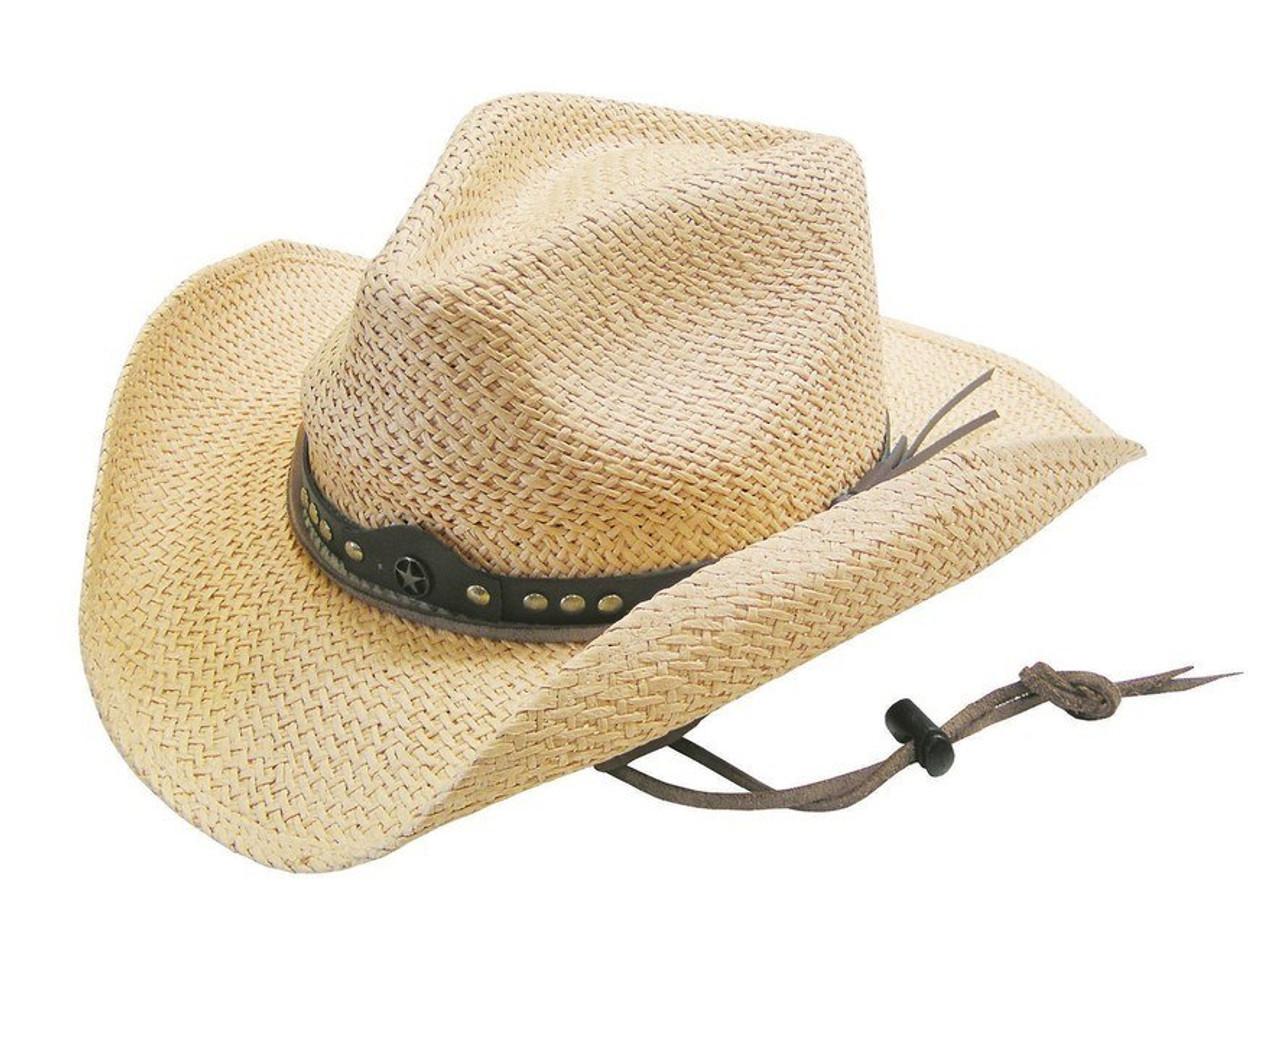 Wrangler Western 20X Tycoon Double Hat - Koolstuff Australia 91a9ffc53ea4